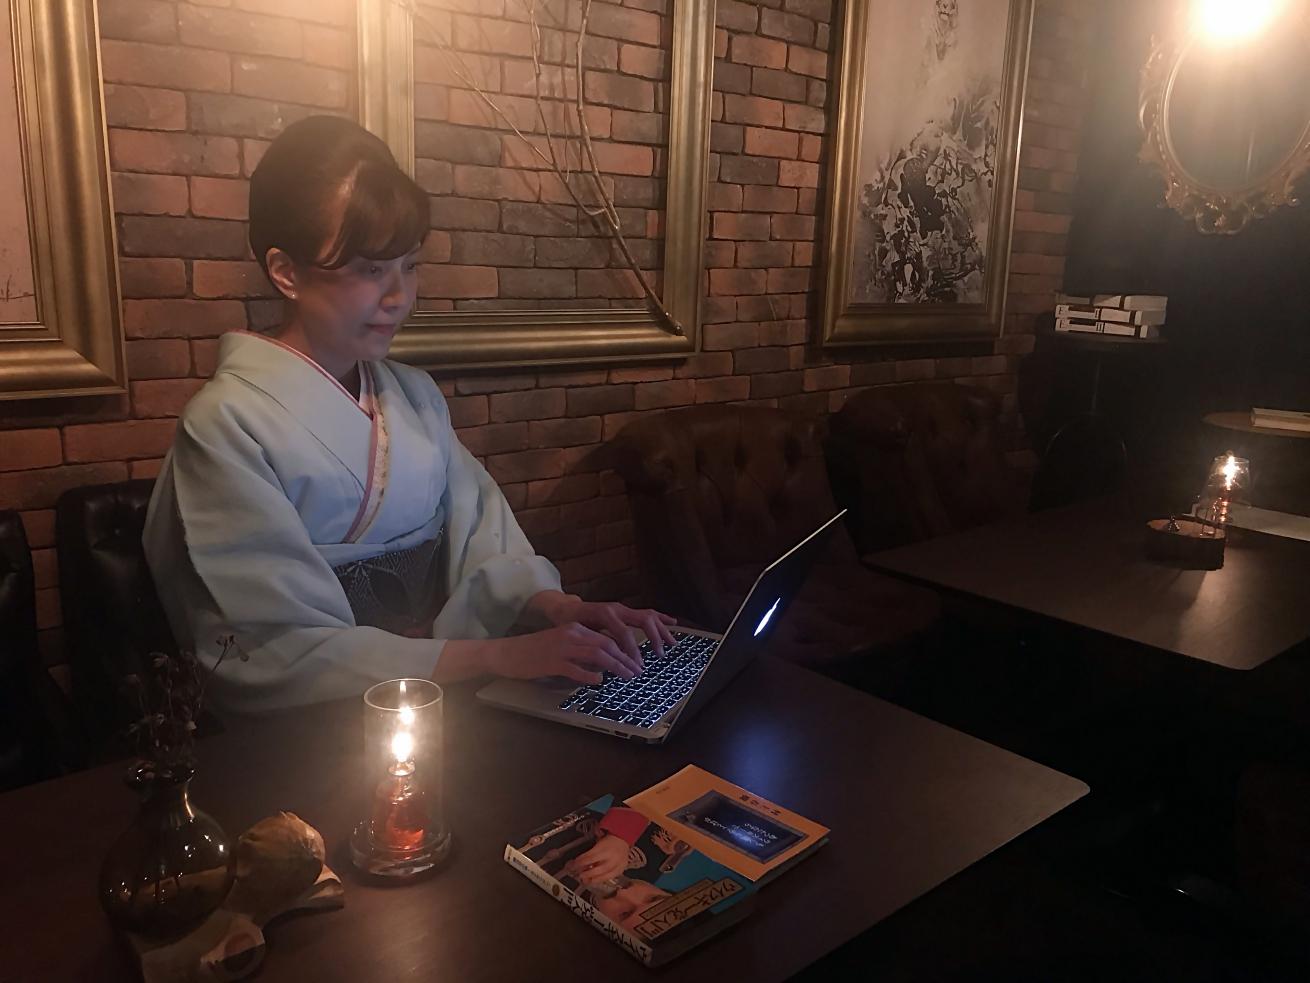 御徒町の隠れ家バーで仕事をする着物姿の編集者